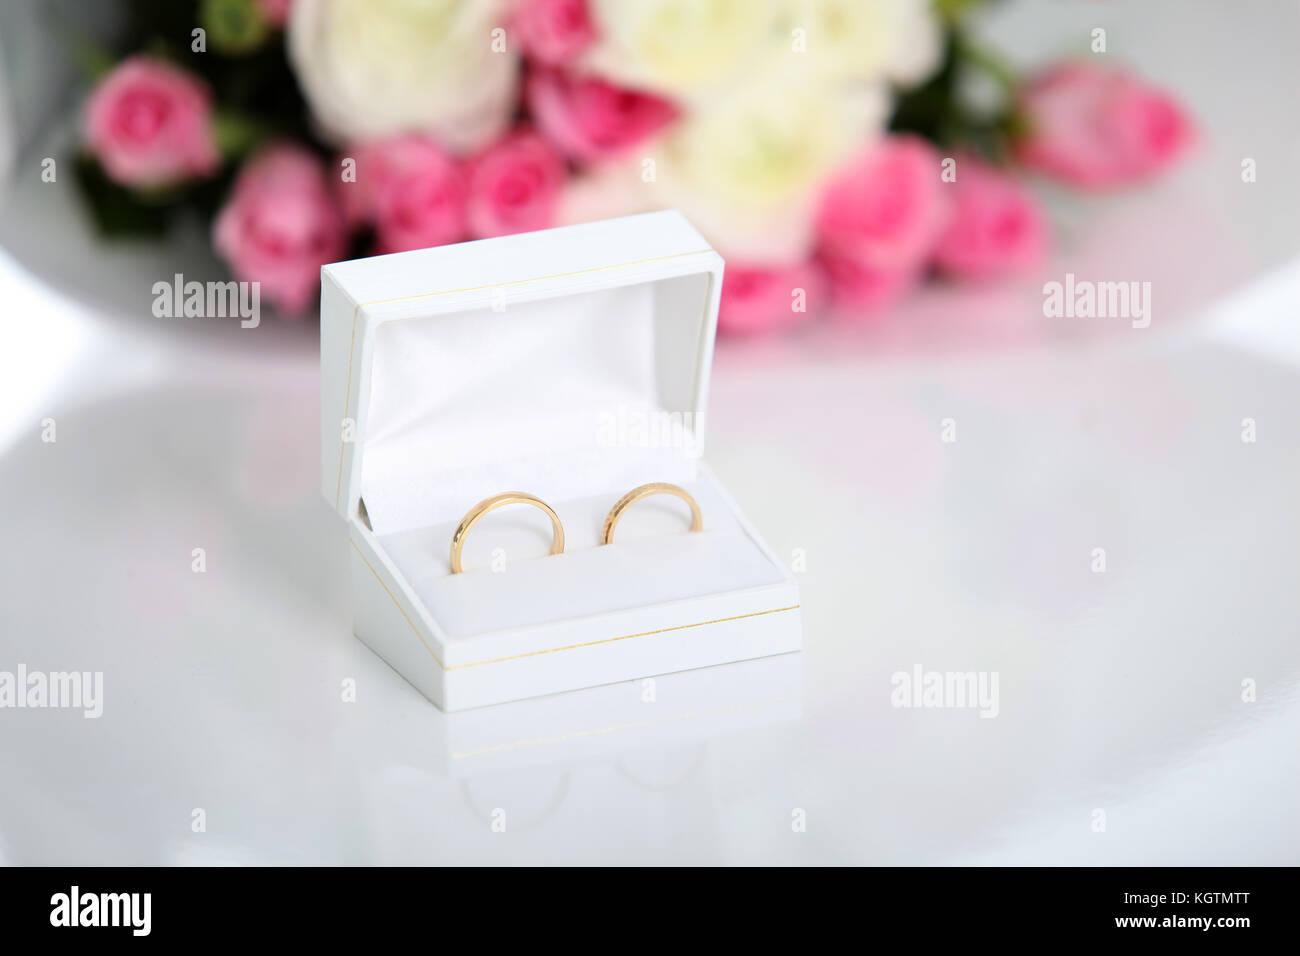 Closeup on wedding rings in jewel box - Stock Image